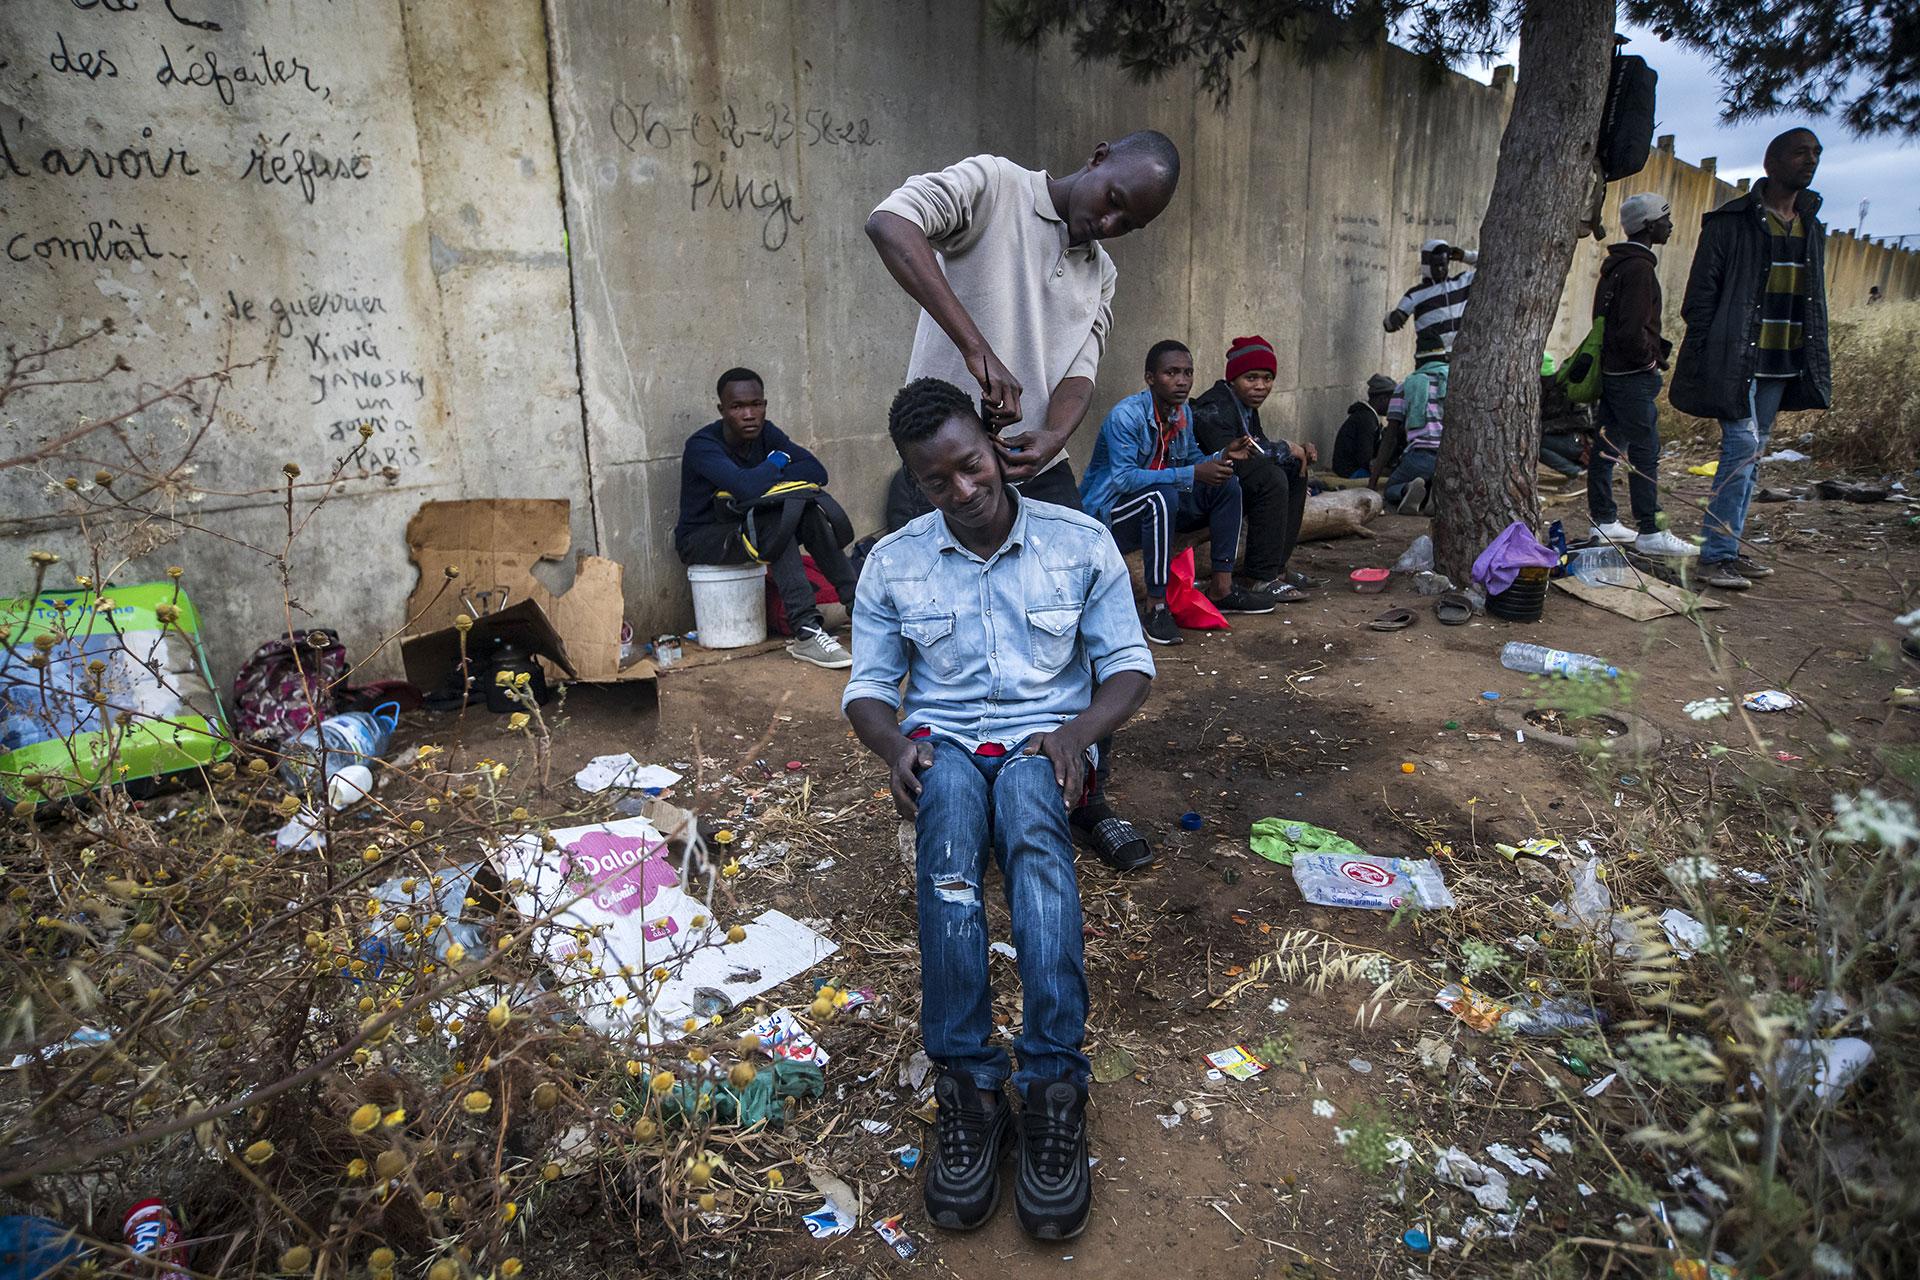 Un joven le corta el cabello a un compañero en un parque de Rabat, mientras esperan para intentar cruzar a Europa, 24 de Mayo de 2019.